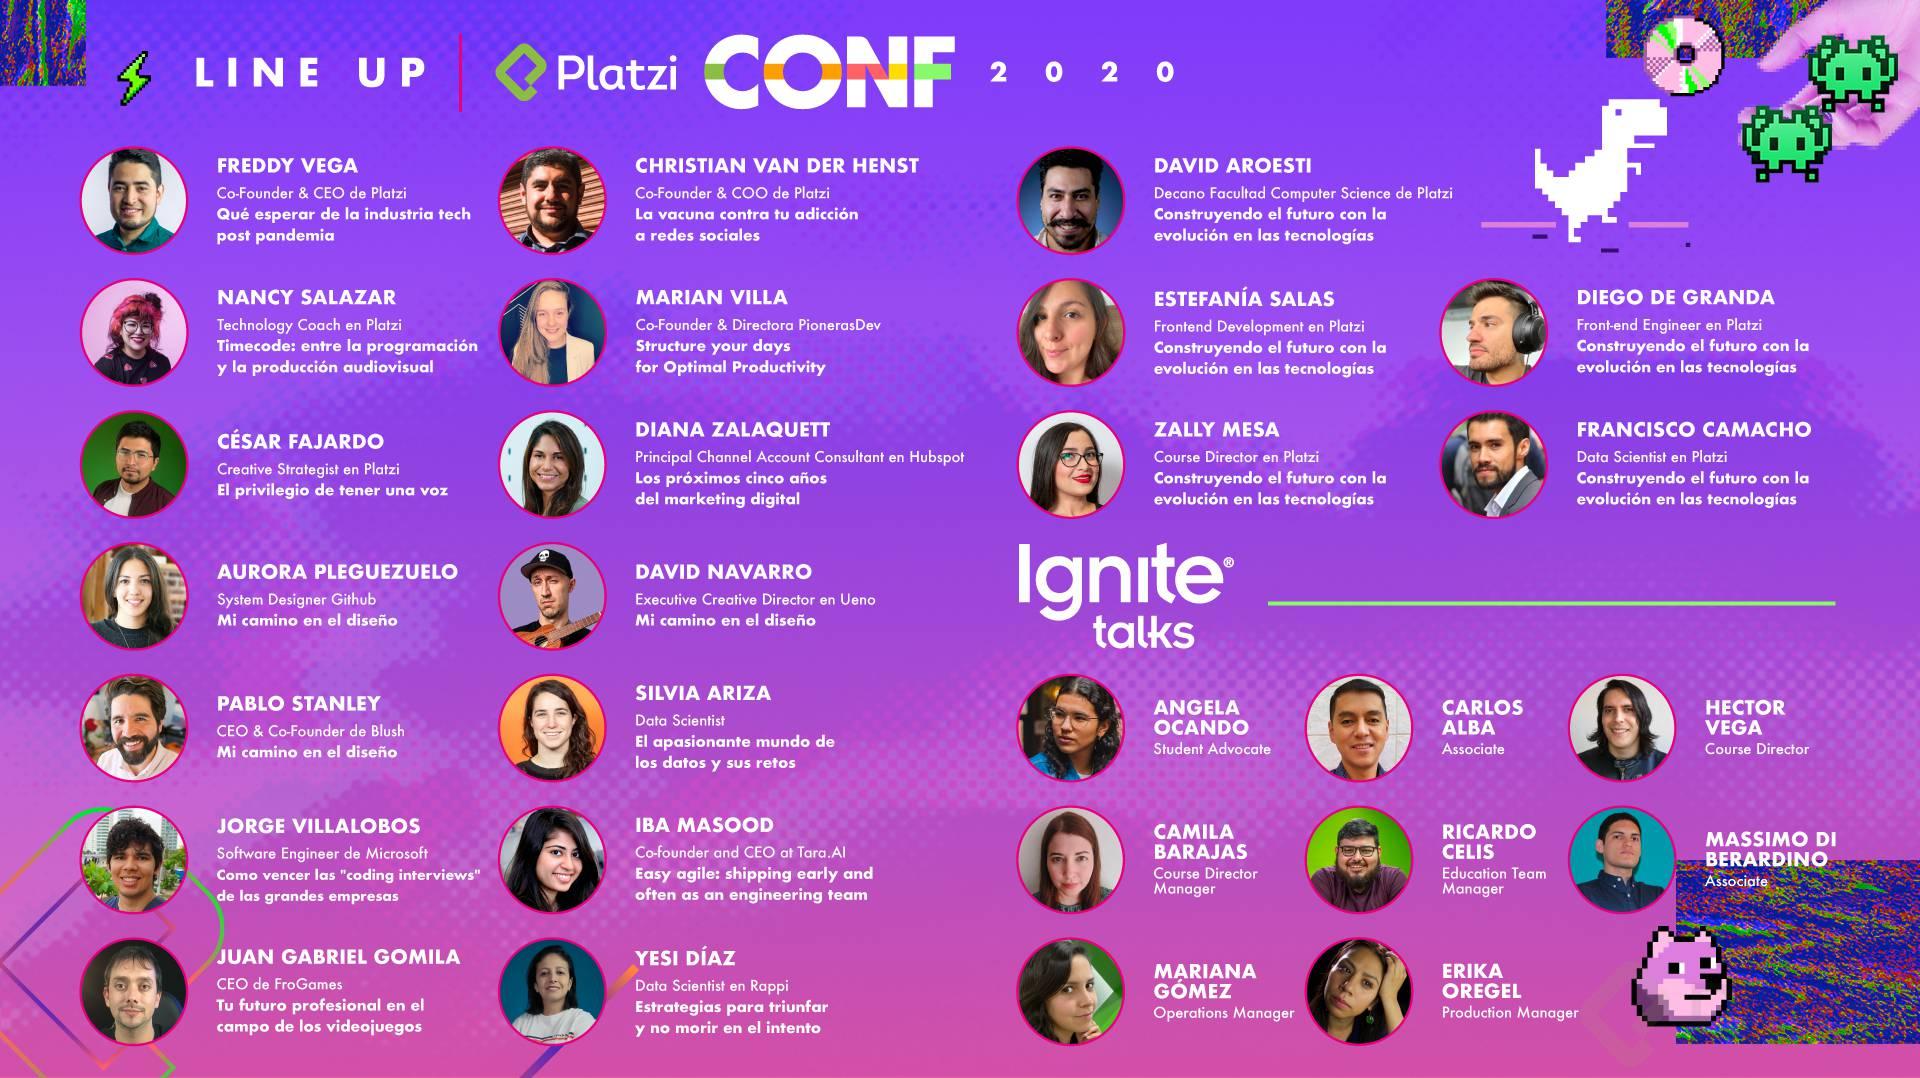 PlatziConf-2020-LineUp-16-9.png